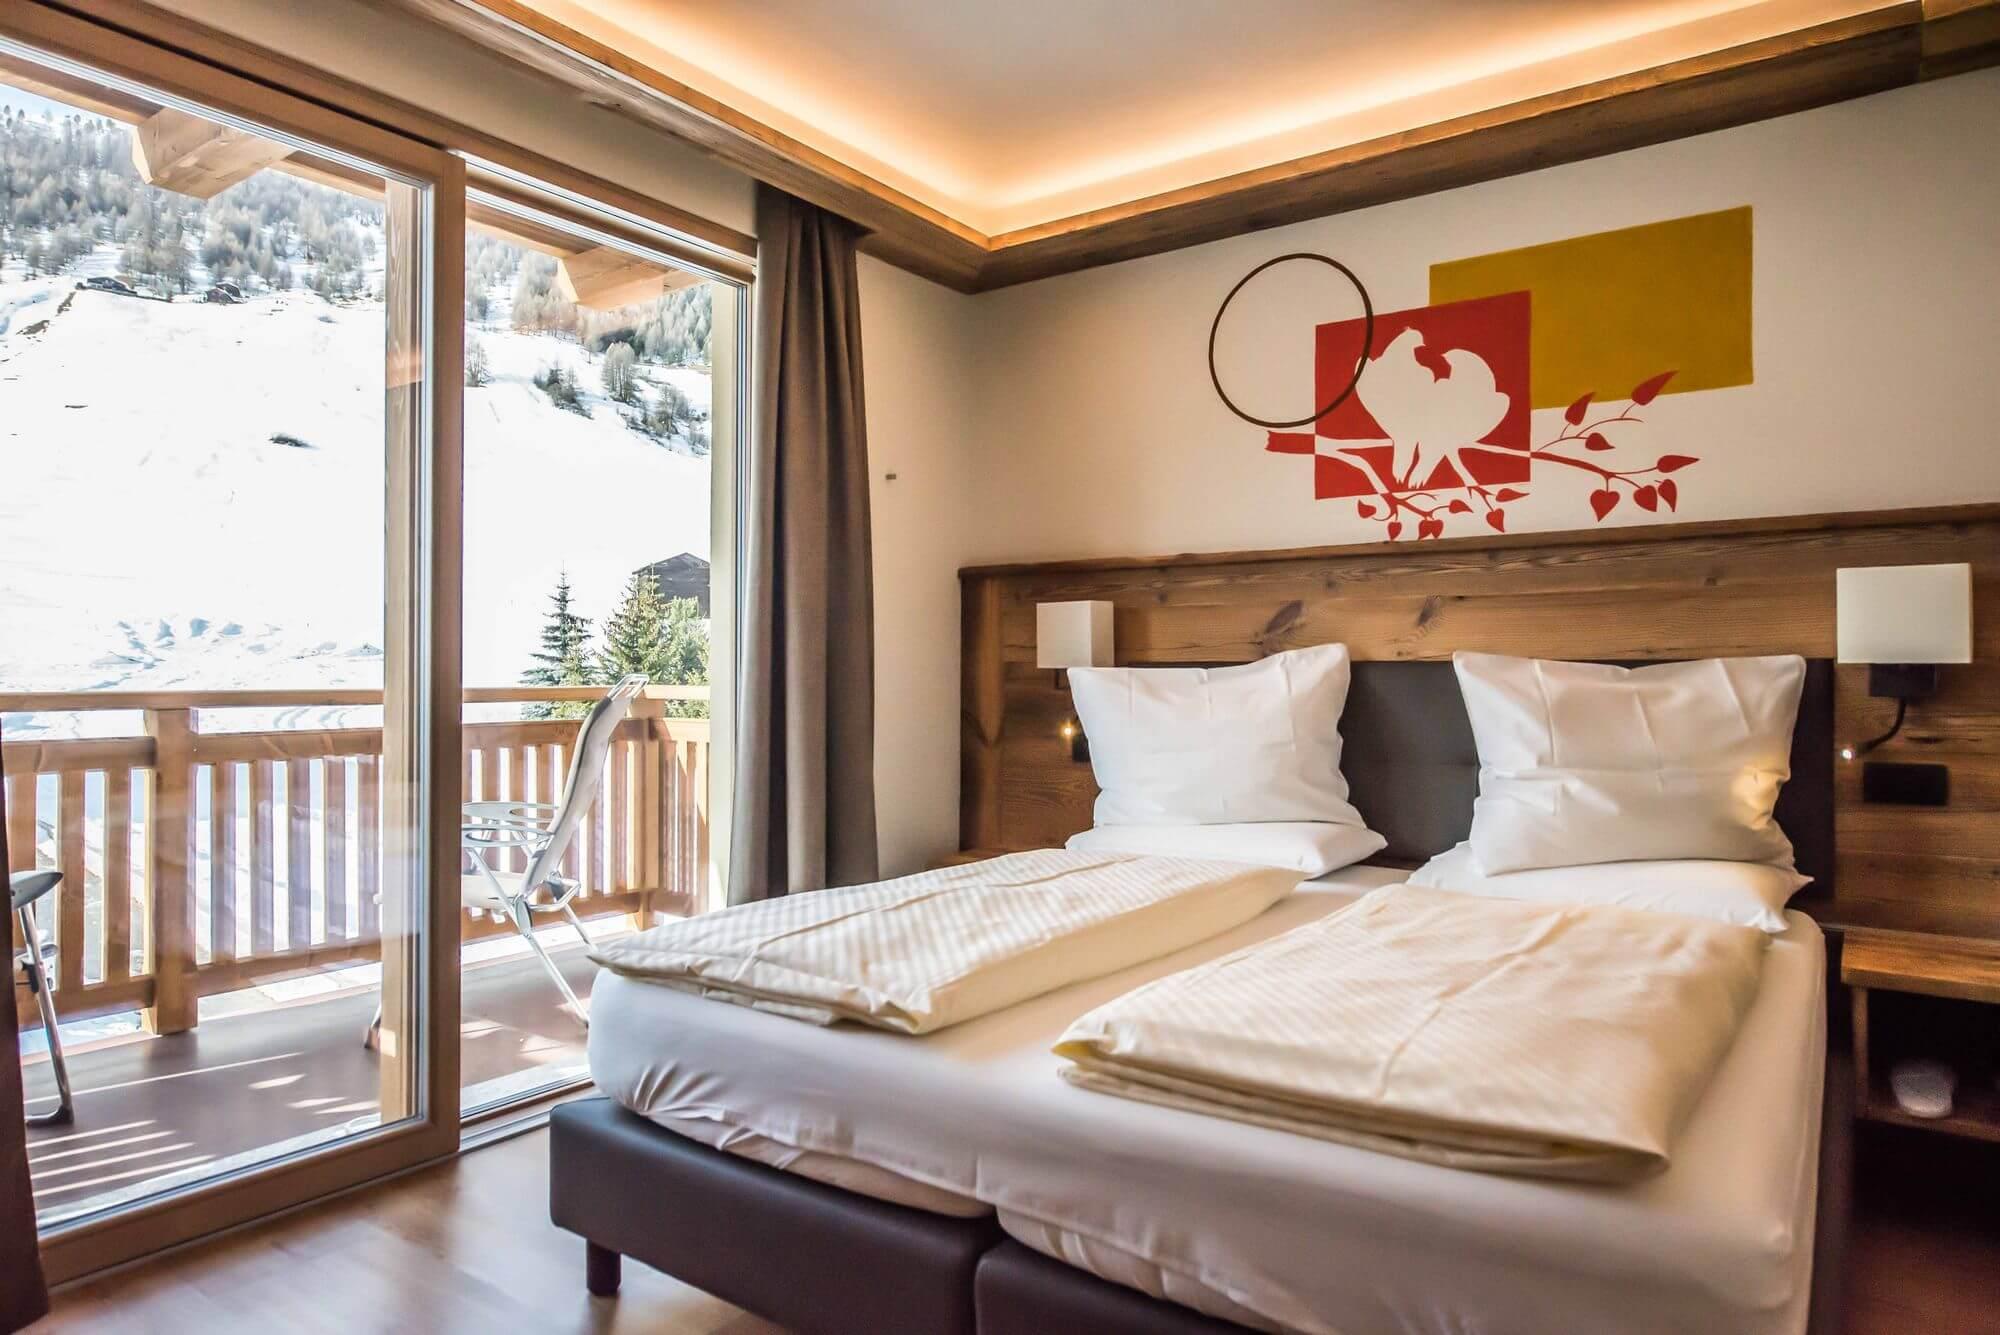 Camera luminosa con letto matrimoniale: Hotel Le Alpi a Livigno